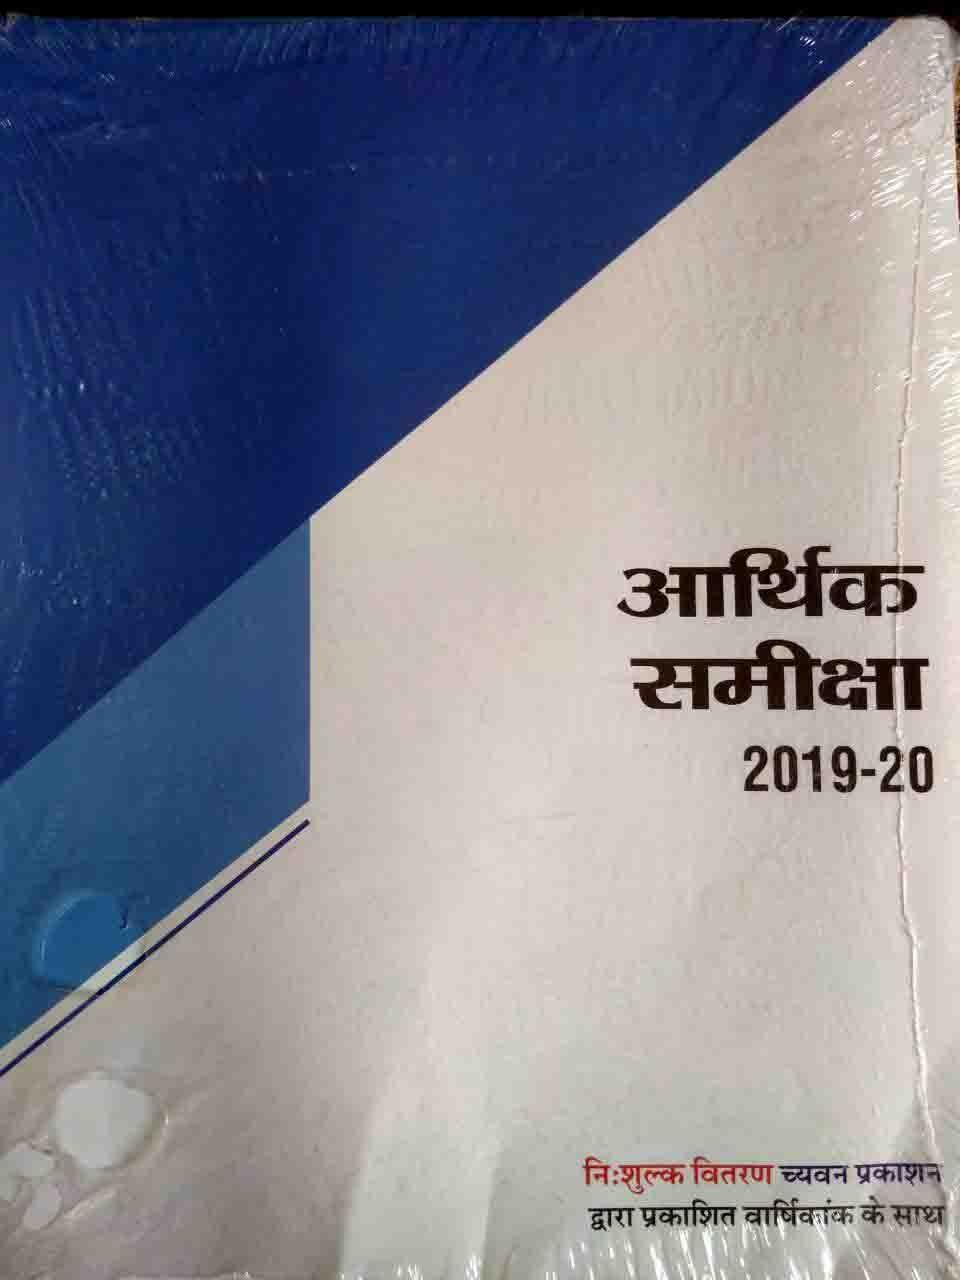 CHYAVAN PRAKASHAN (SUGAM) RAJASTHAN VARSHIKANK WITH ARTHIK SAMIKSHA 2019-20